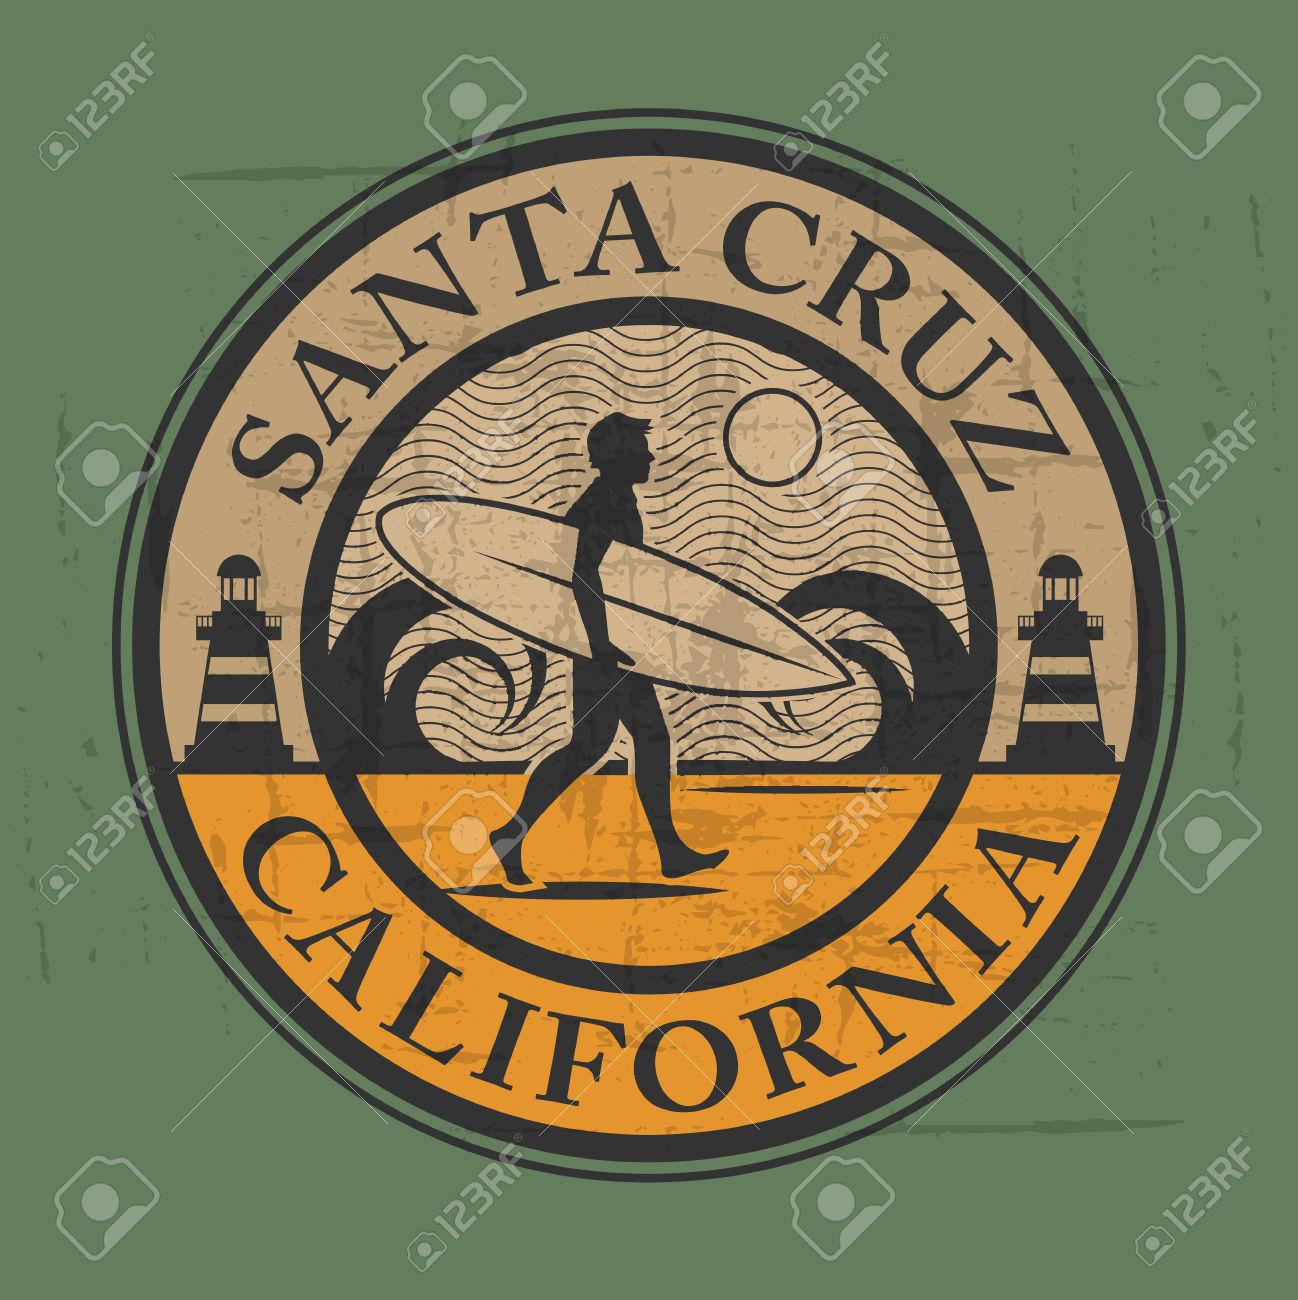 Santa Cruz Clipart 20 Free Cliparts